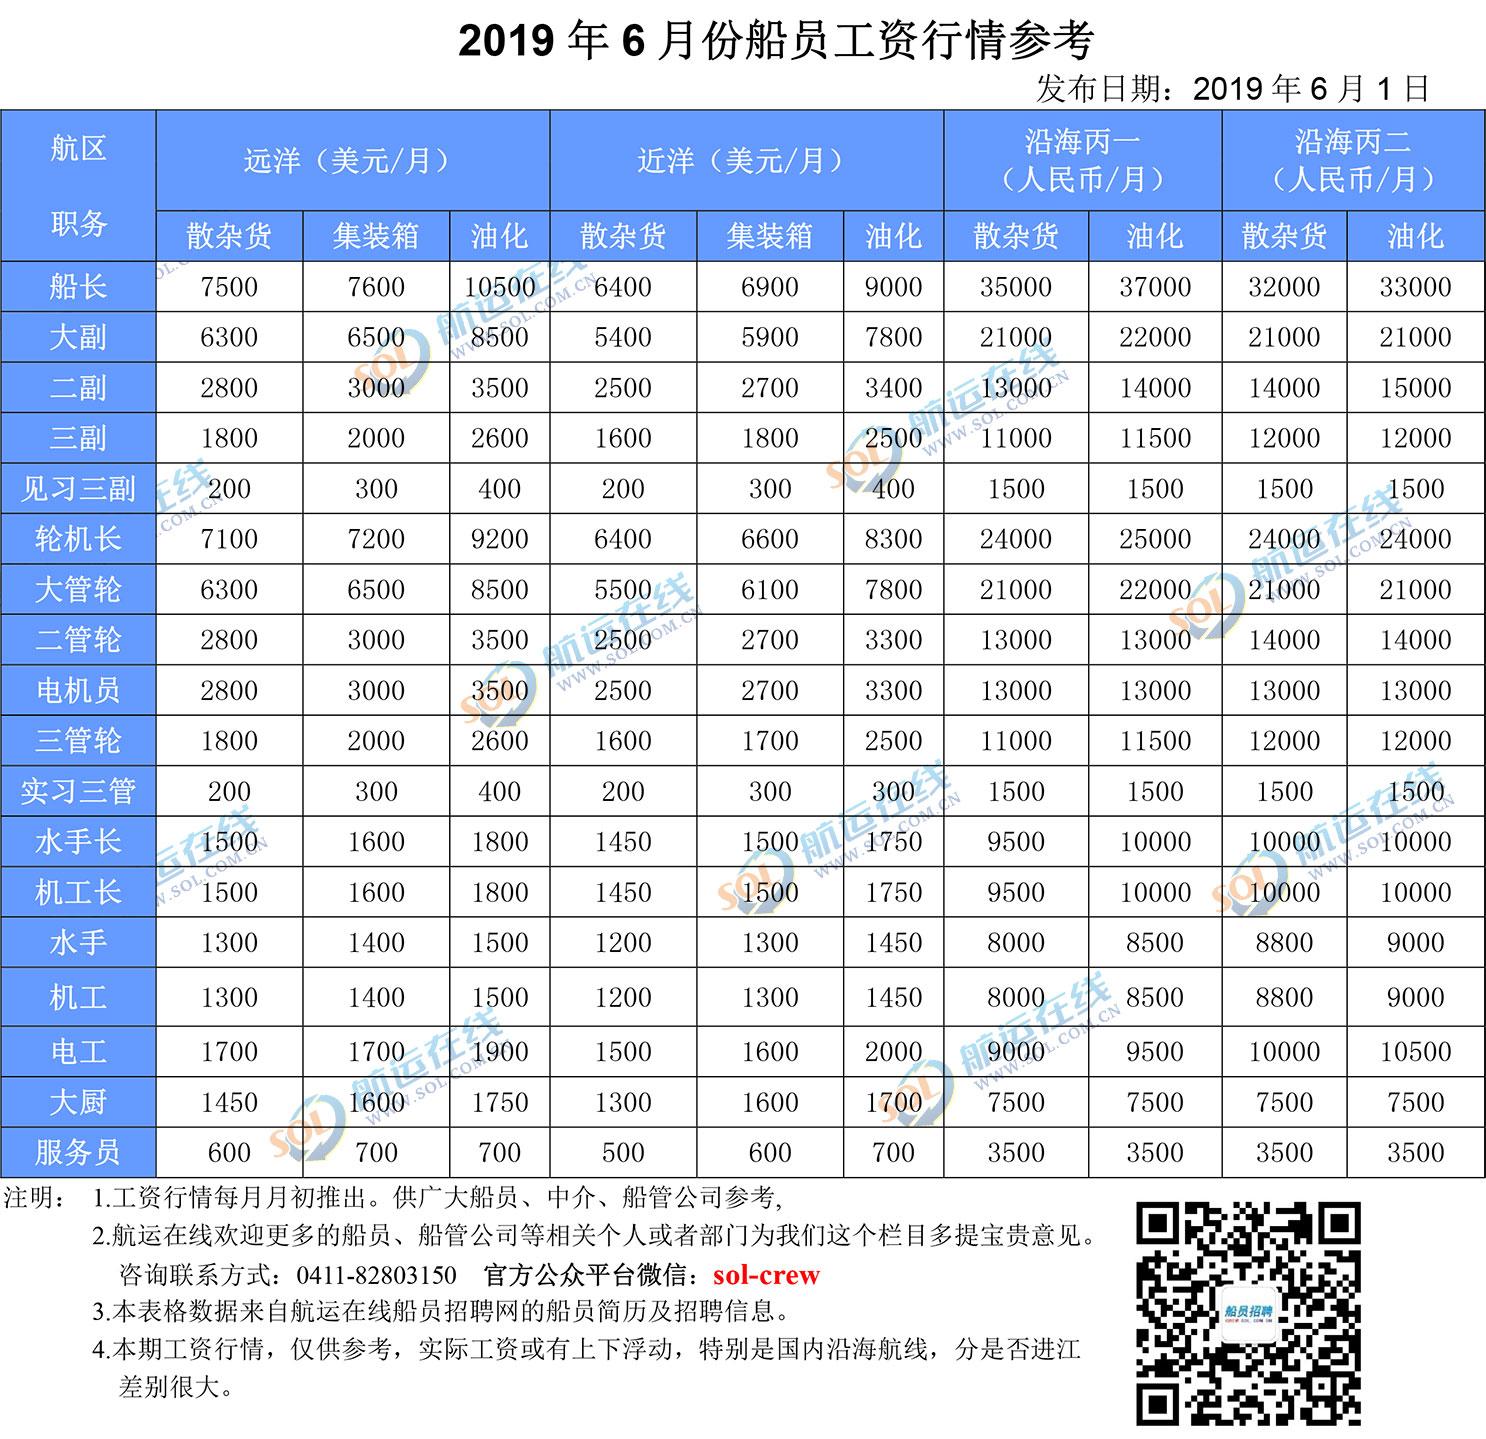 2019年6月份船员工资行情参考及市场评述